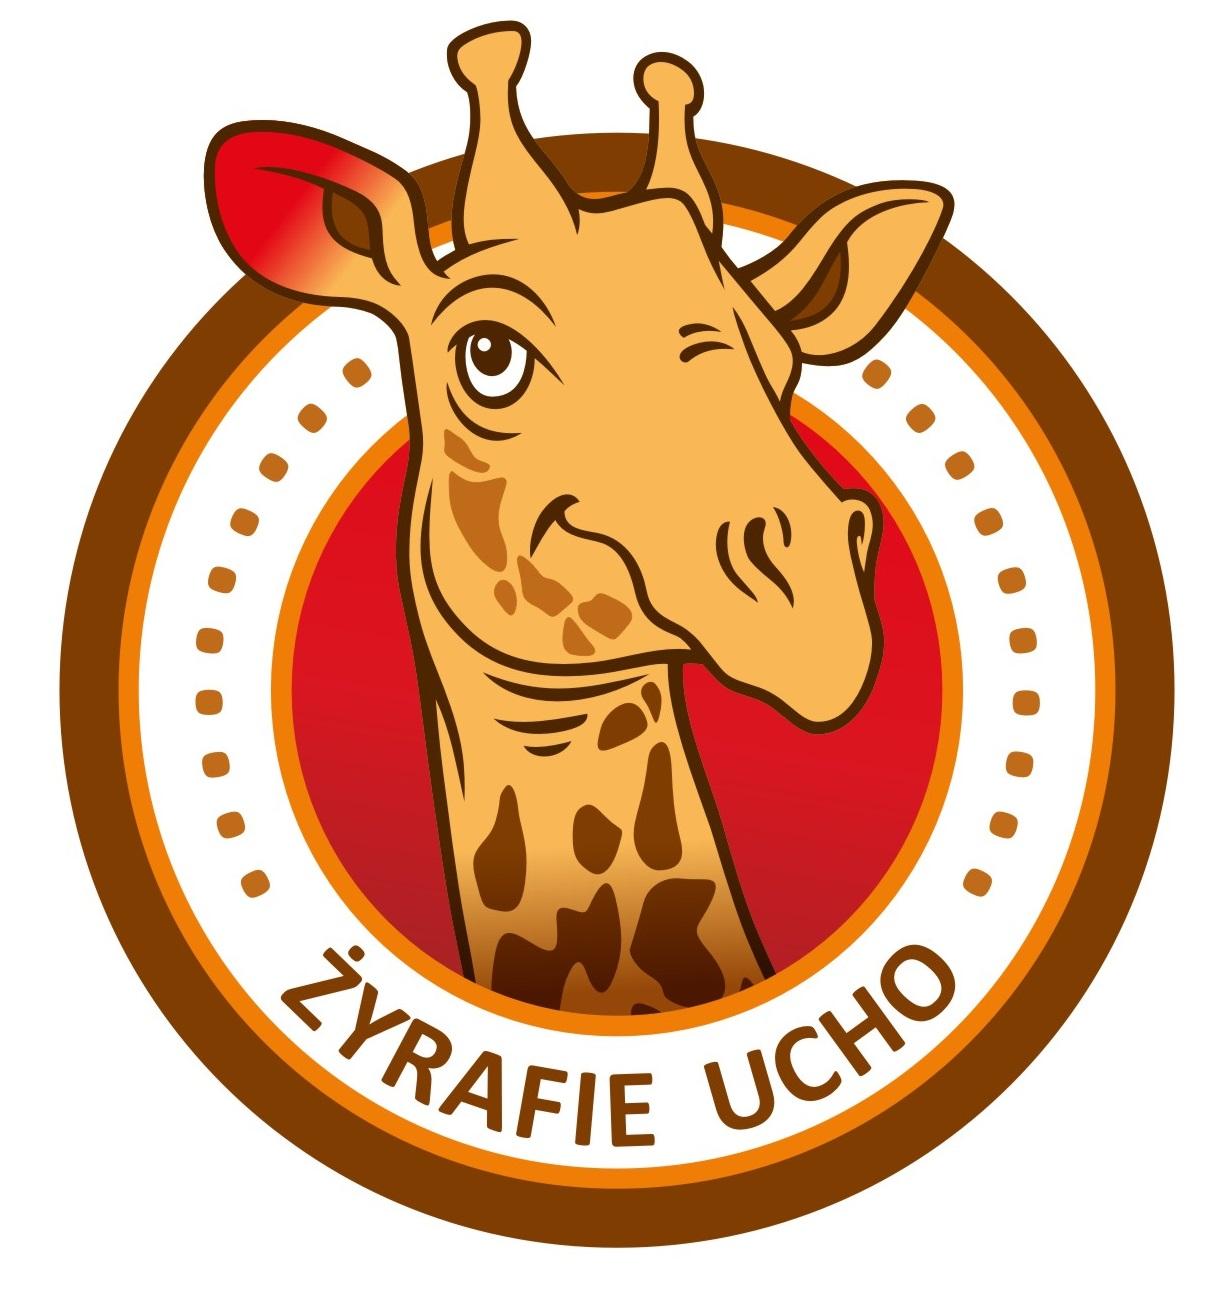 Żyrafie Ucho